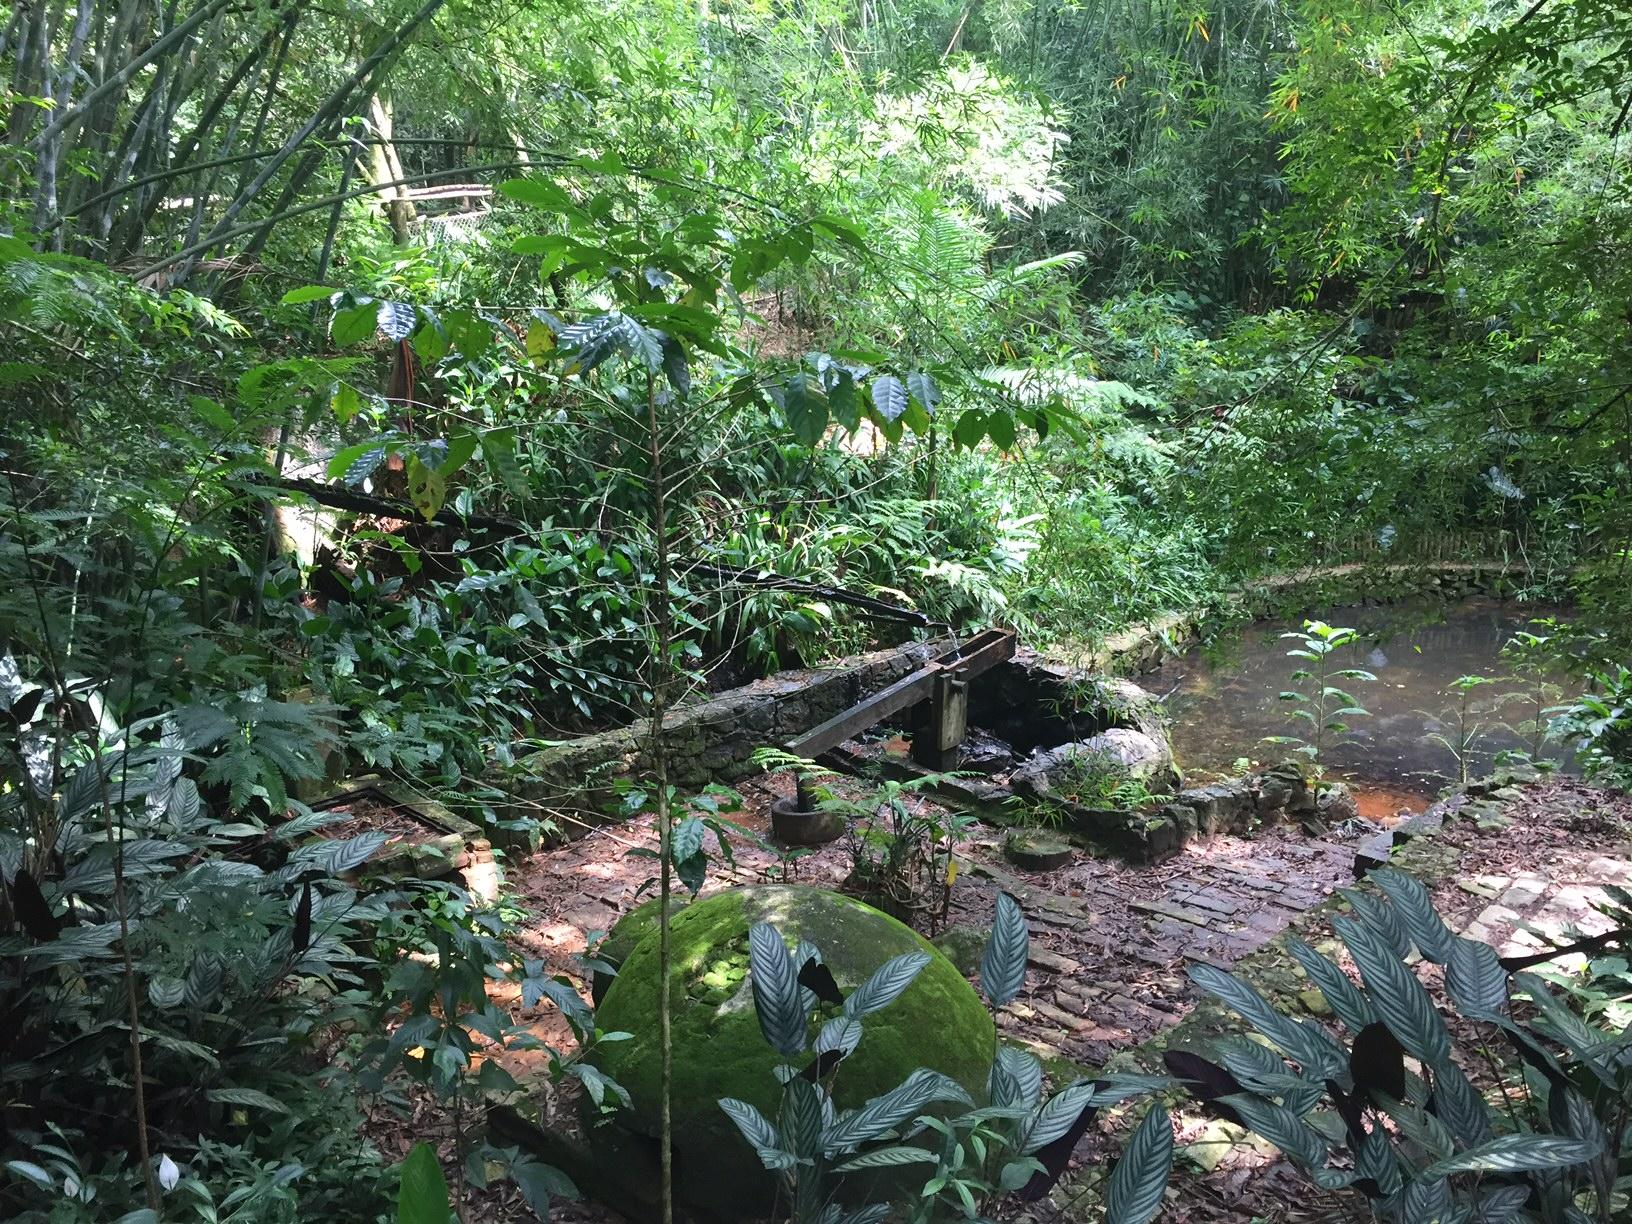 Mata nativa, com diversas espécies de plantas